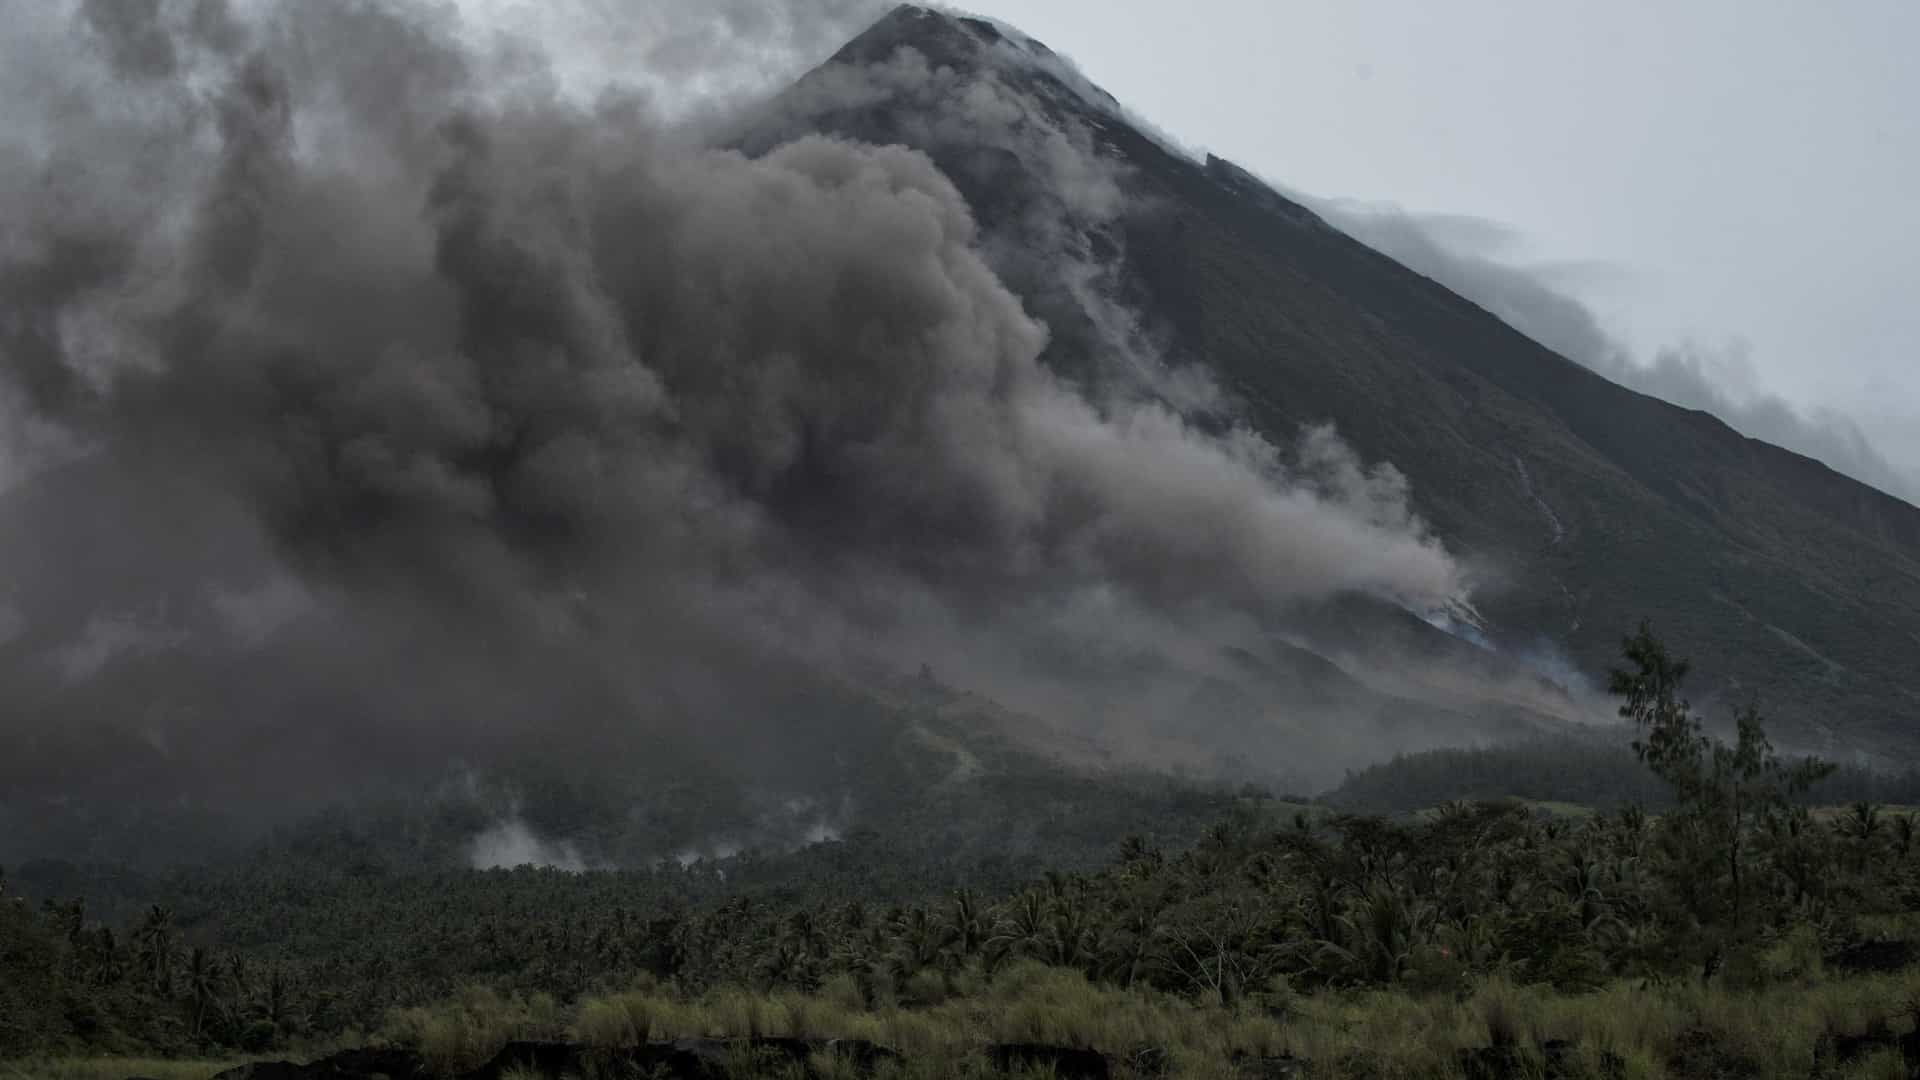 Explosão em vulcão Mayon aumenta receios de erupção nos próximos dias